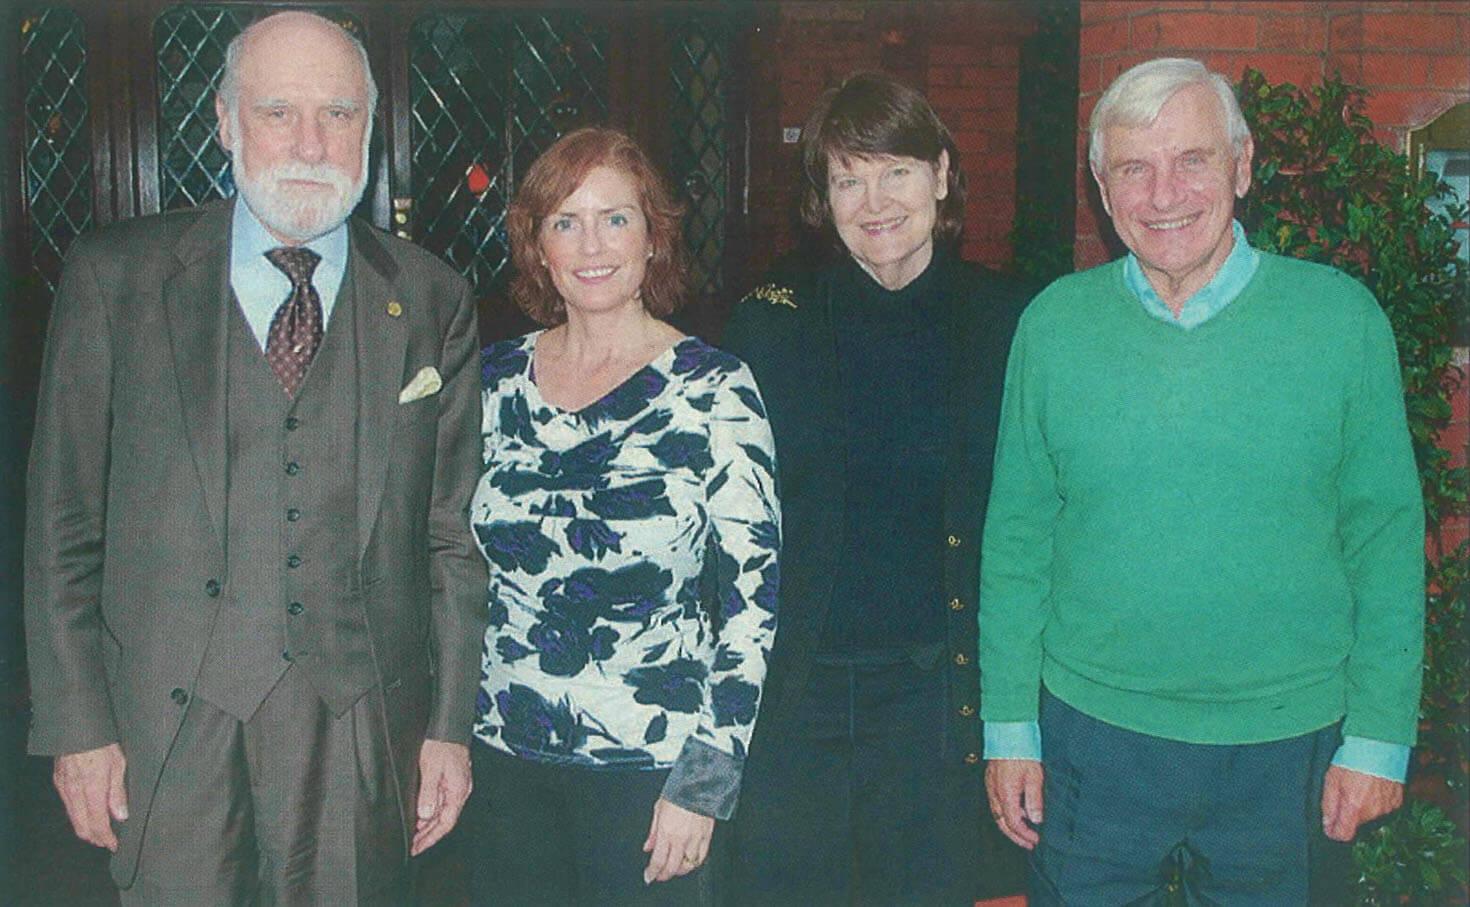 Vint Cerf, Helen Lansdown, Sigrid Cerf and Ken Carter